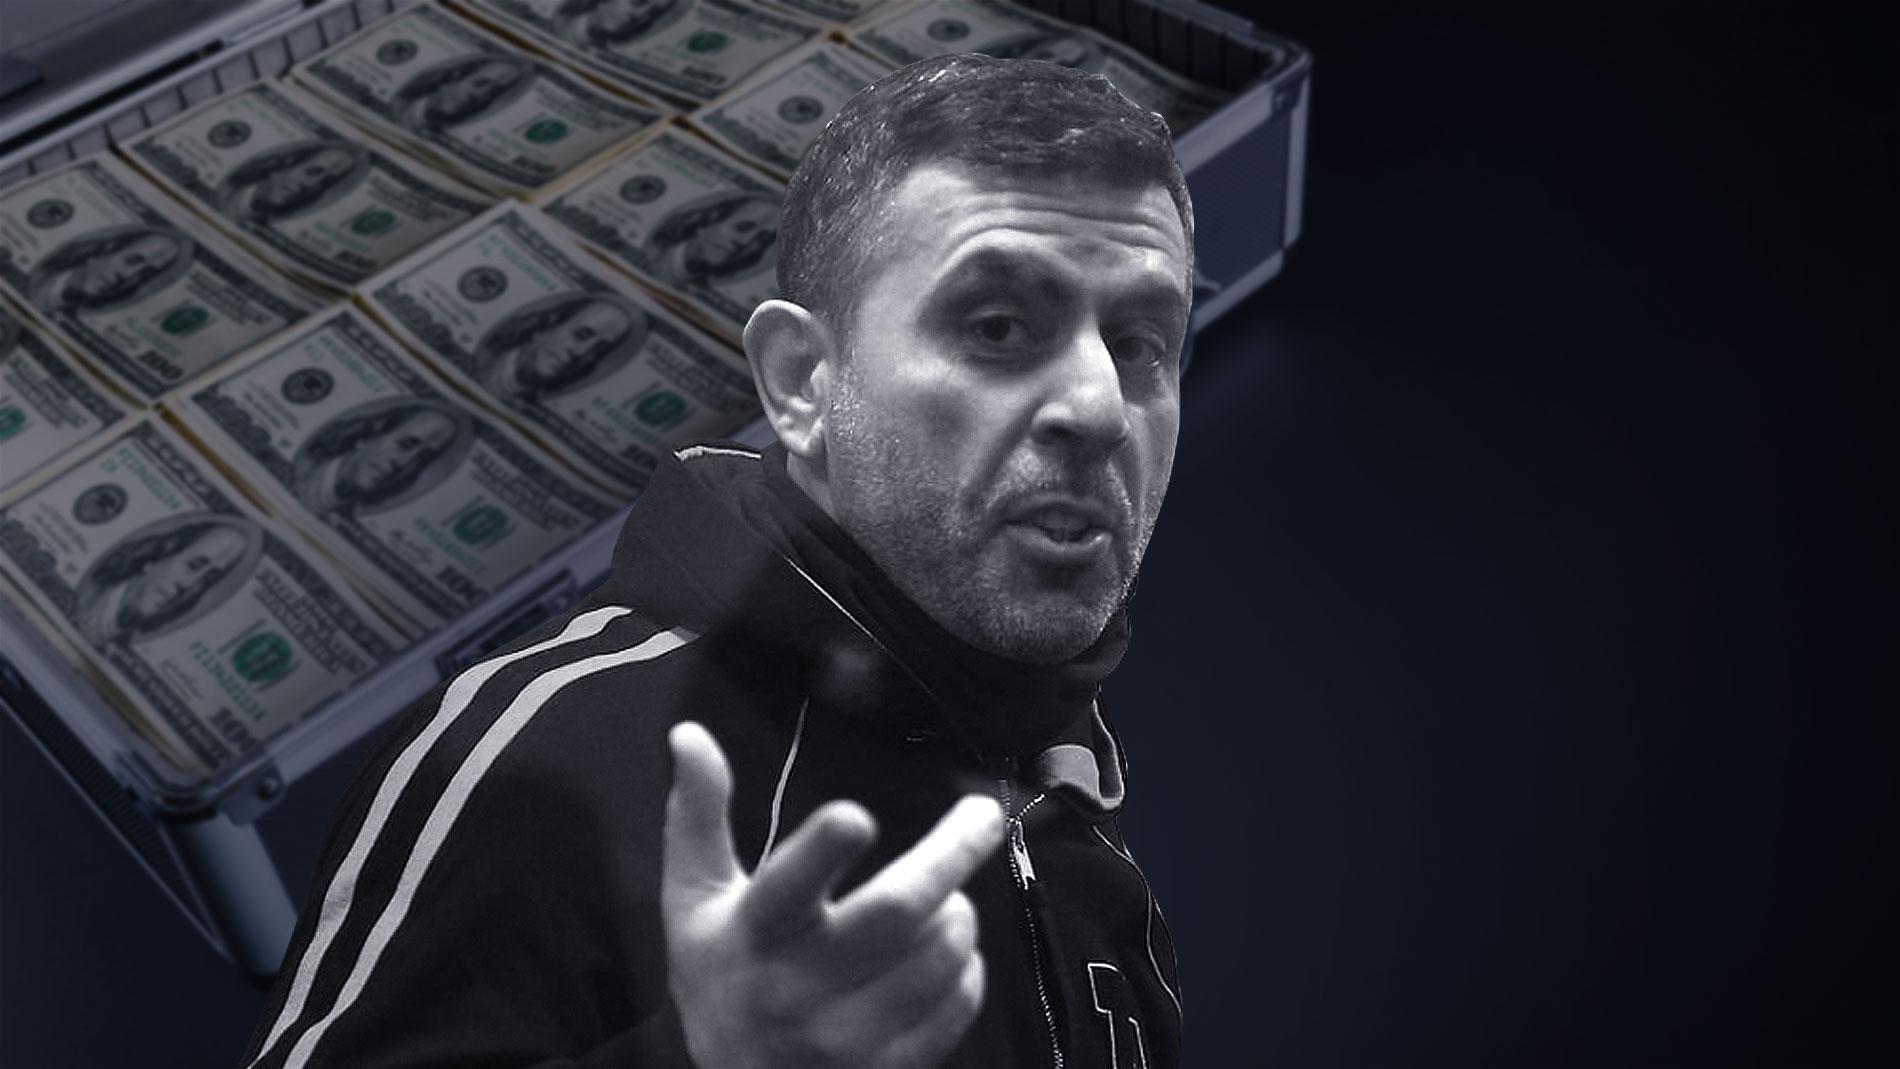 Деньги любят счёт. Всероссийский воровской общак остался без главбуха